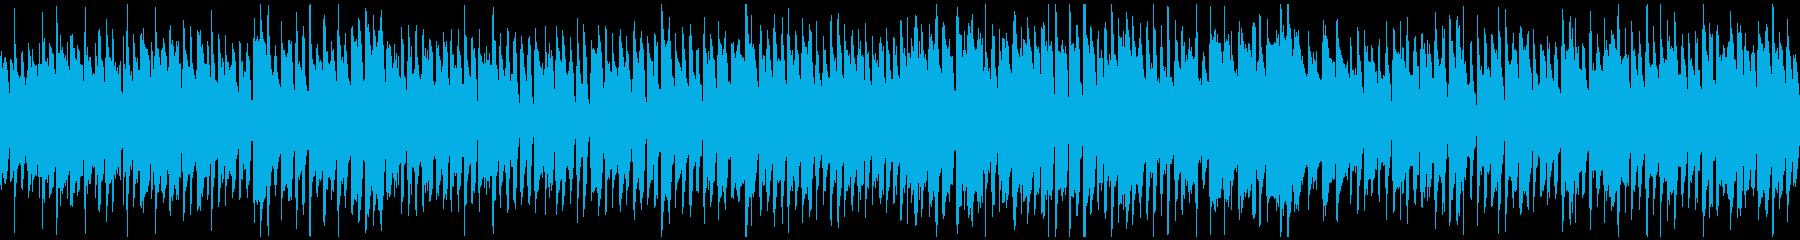 晴れた日、ポップなリコーダー曲※ループ版の再生済みの波形